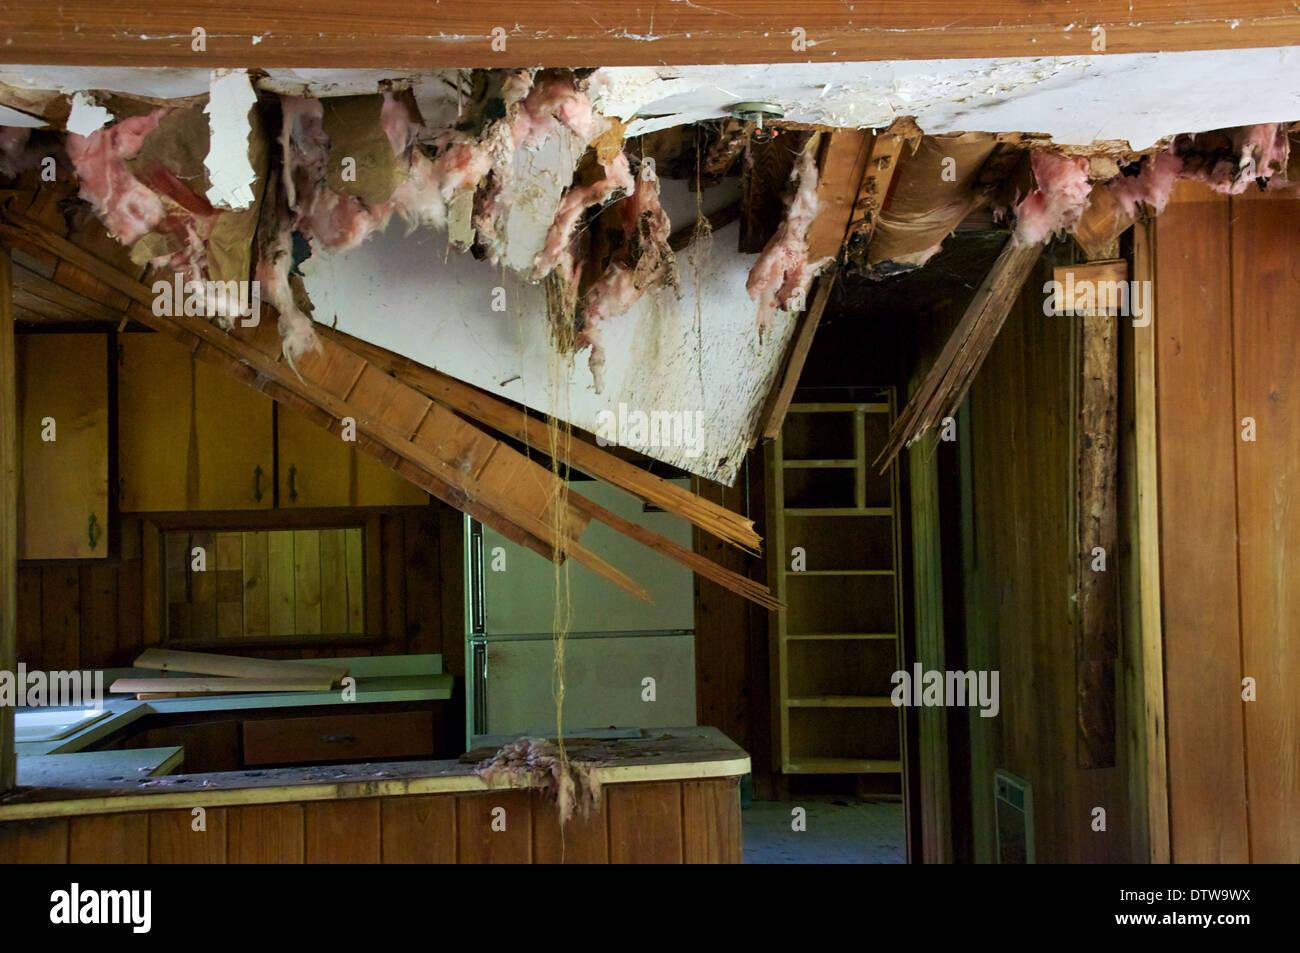 Maison Bois Avis avis d'une vieille cuisine en bois abandonnés dans la maison